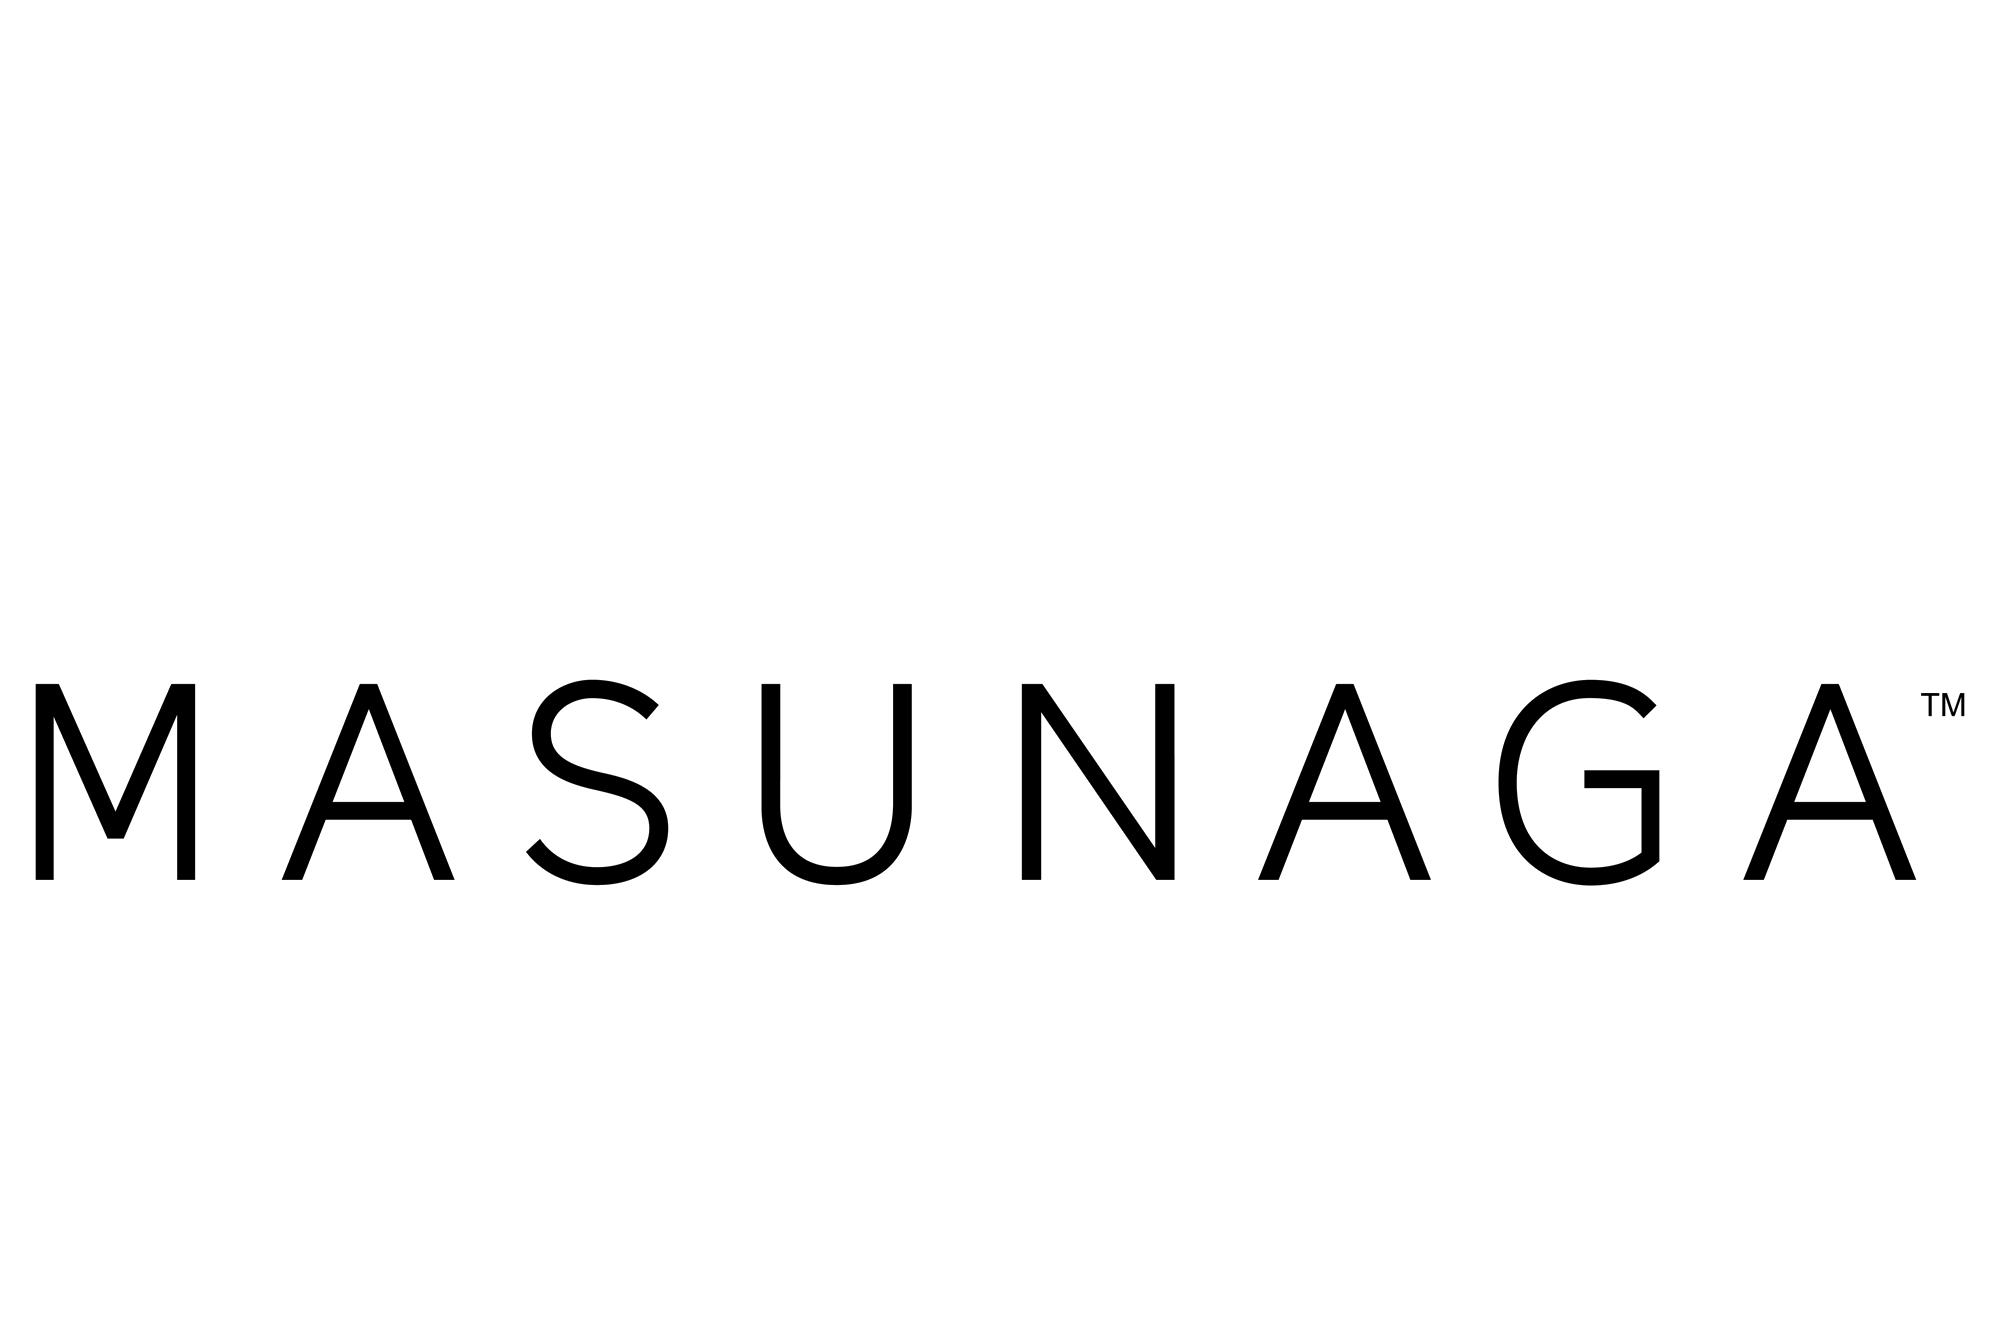 Masunaga - GMS 826